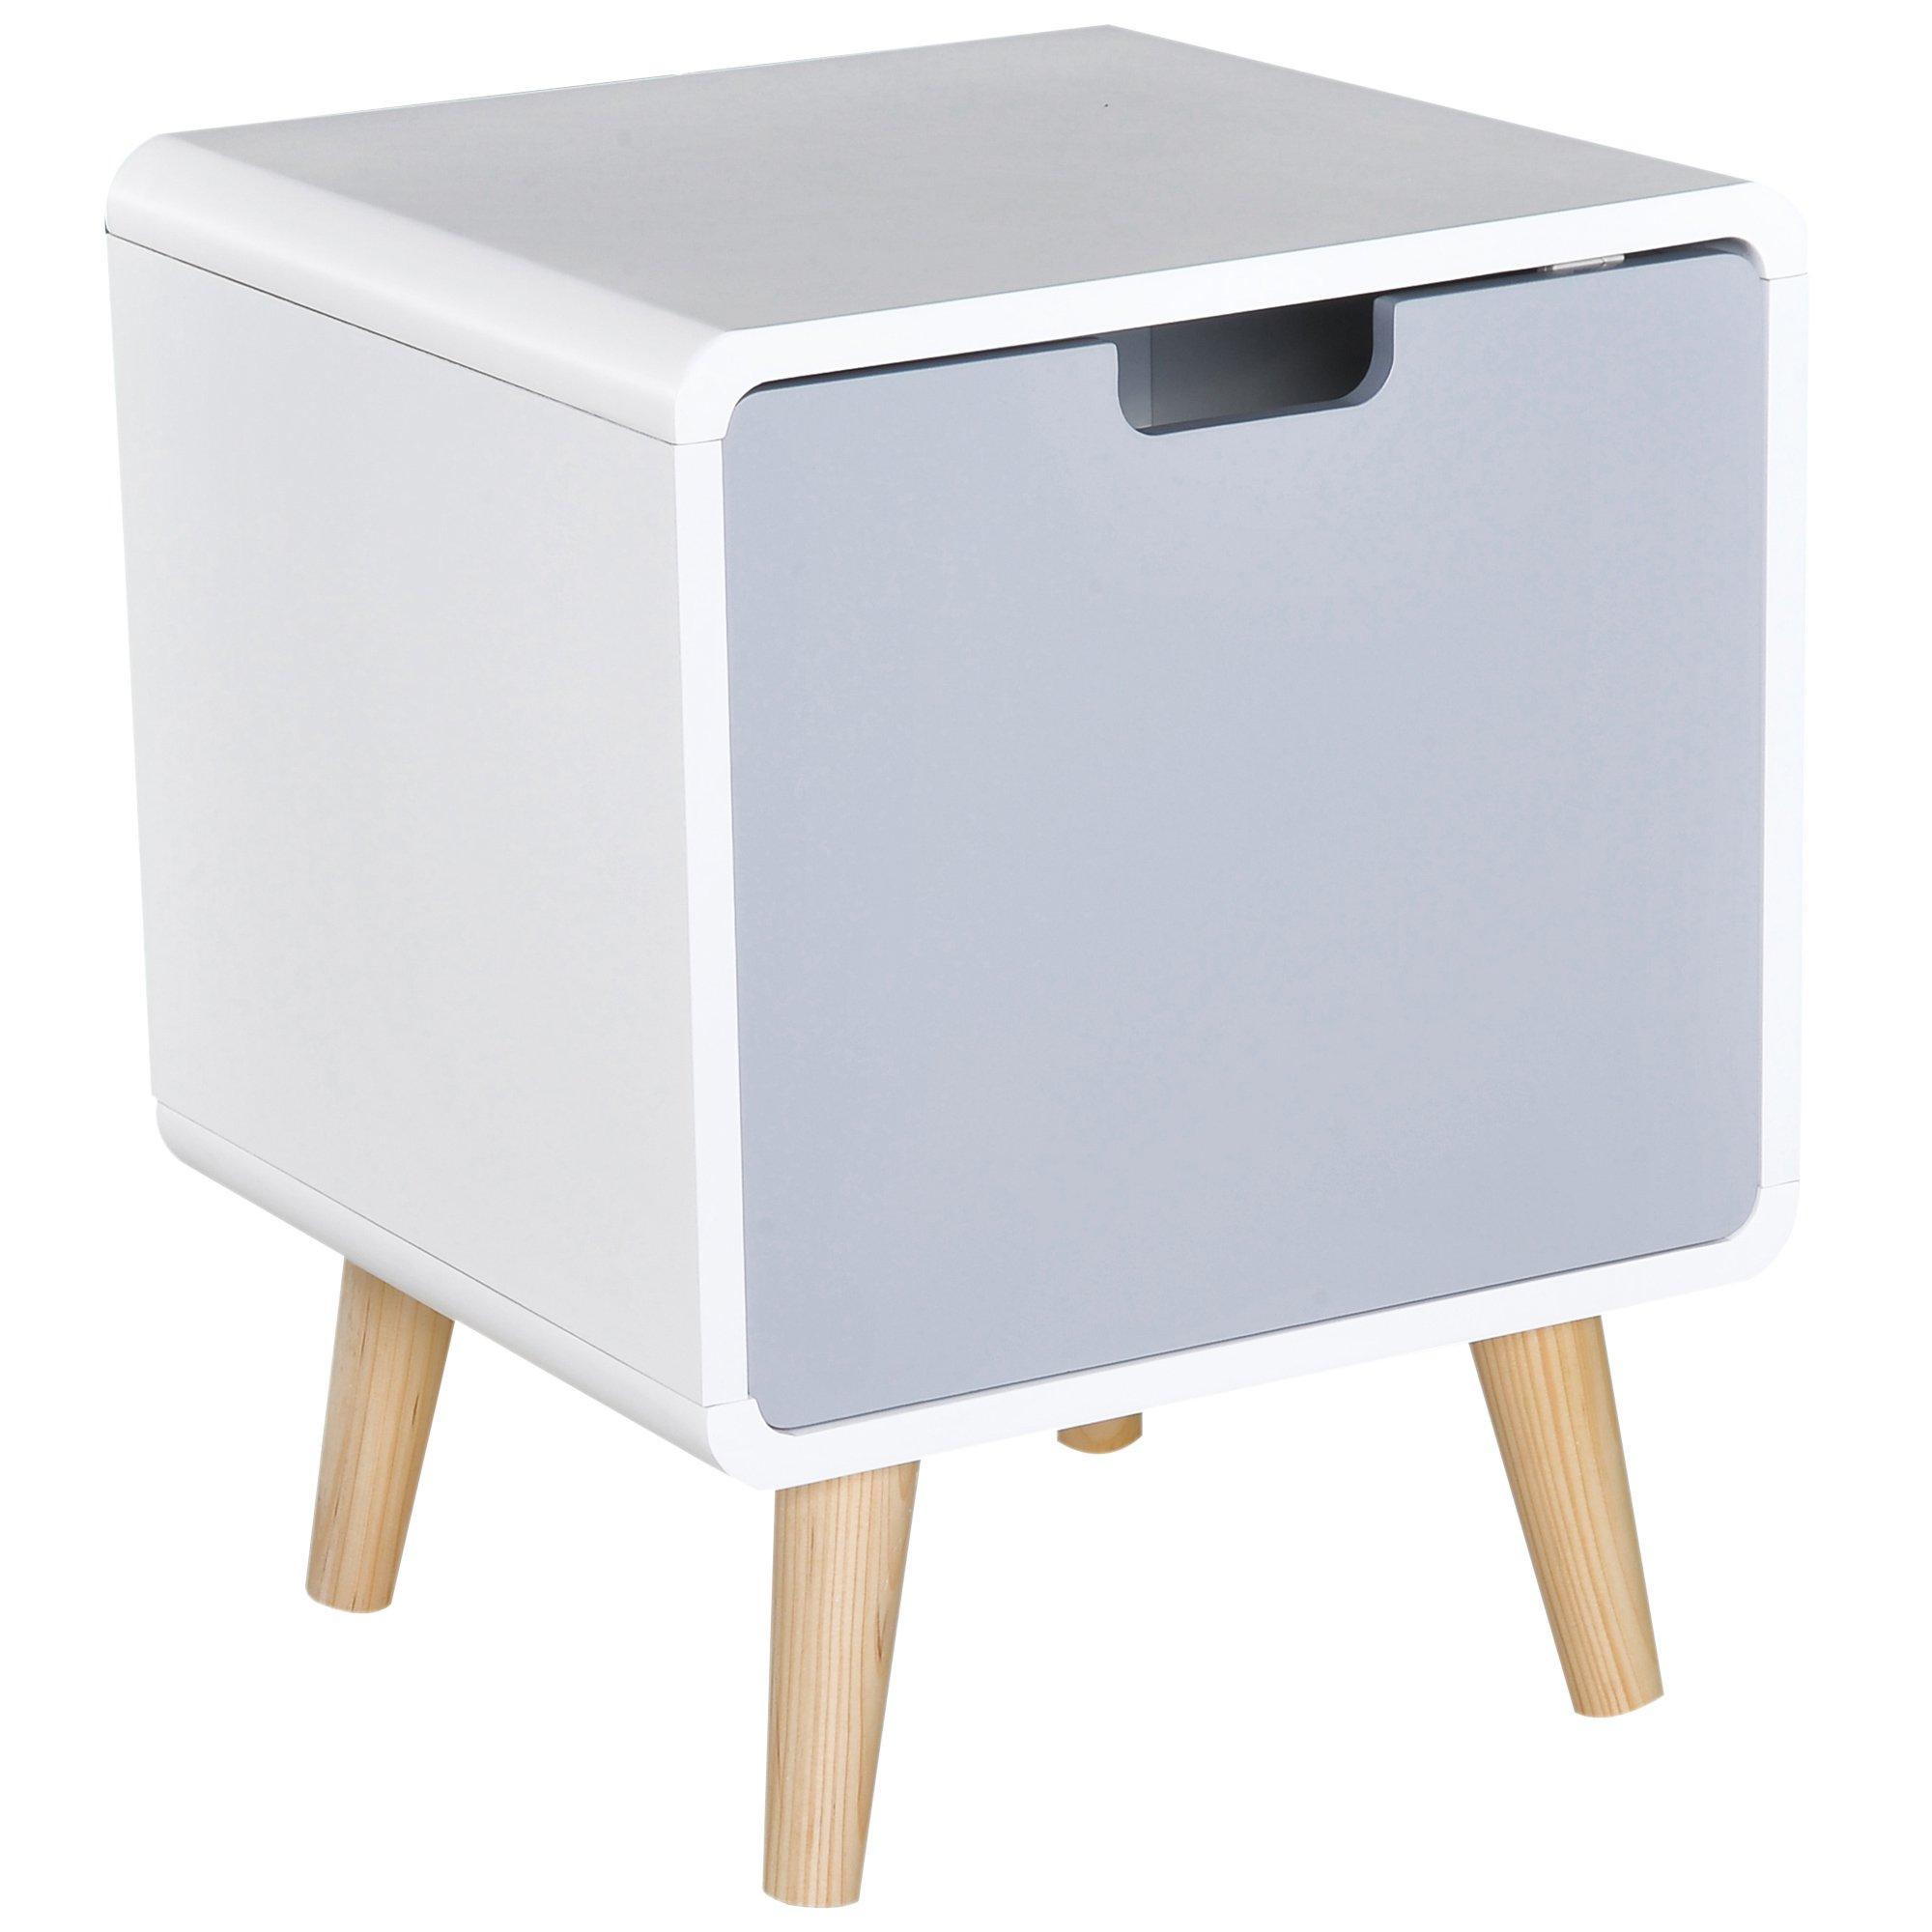 Mesita De Noche Madera Con 1 Cajón Comoda Mesilla Mueble